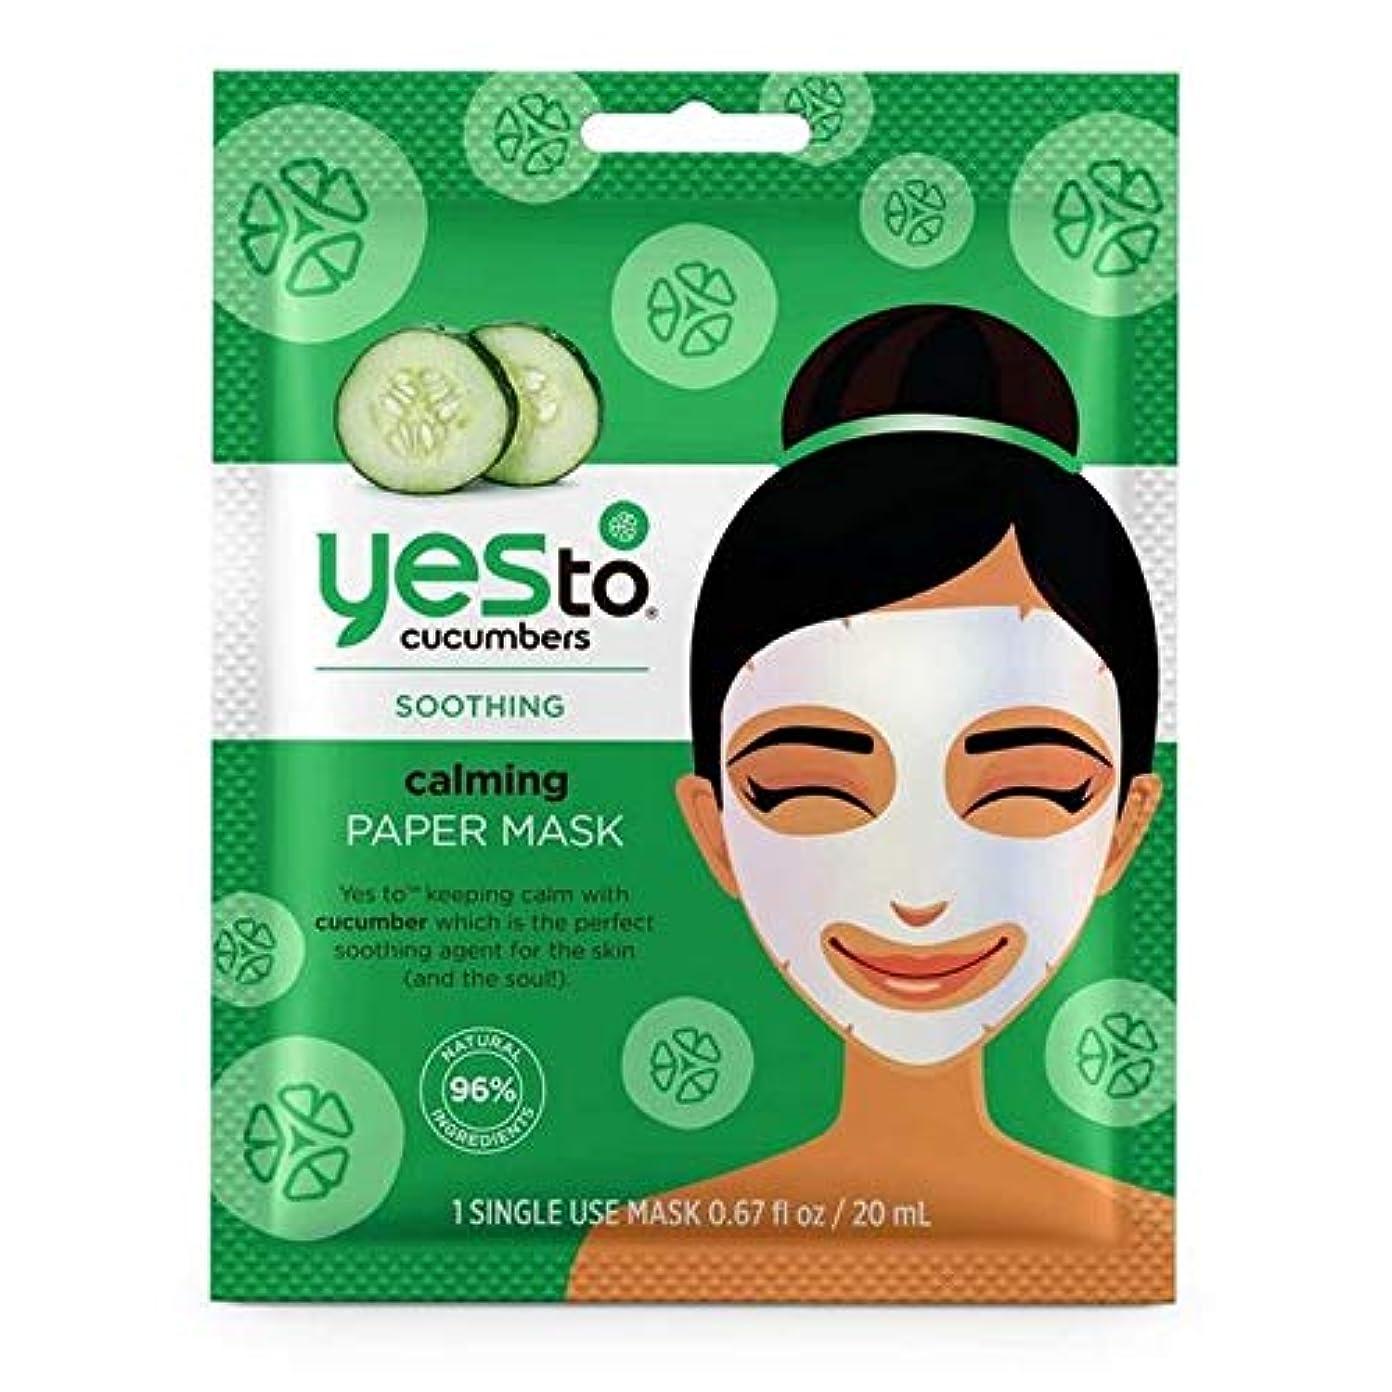 ヘルシーひどい次へ[YES TO!] はいキュウリに心を落ち着かせるシートフェイスマスク20Mlの20ミリリットル - Yes To Cucumbers Calming Sheet Face Mask 20ml 20ml [並行輸入品]